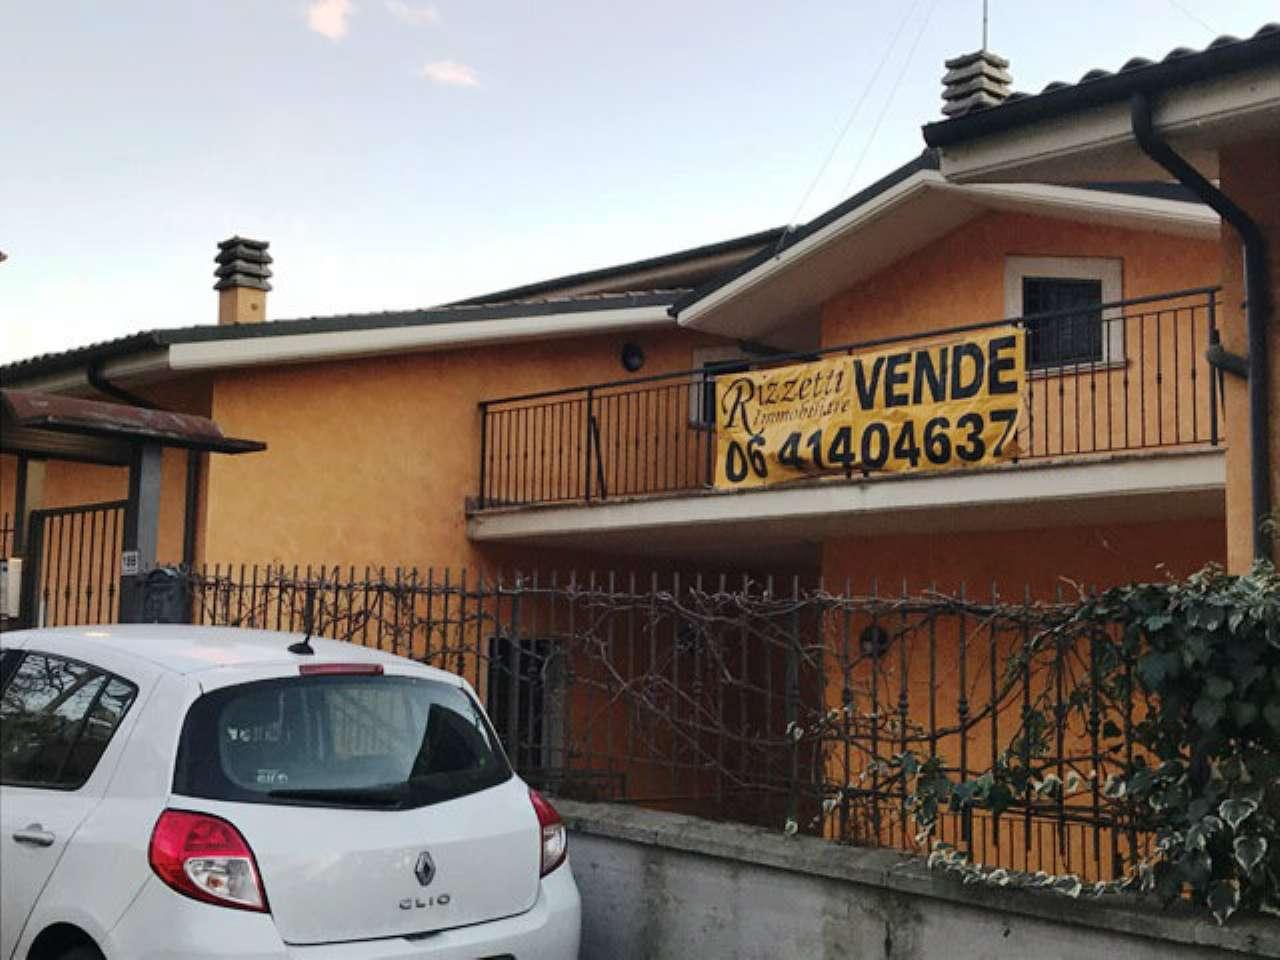 Attico / Mansarda in vendita a Mentana, 4 locali, prezzo € 149.000 | CambioCasa.it